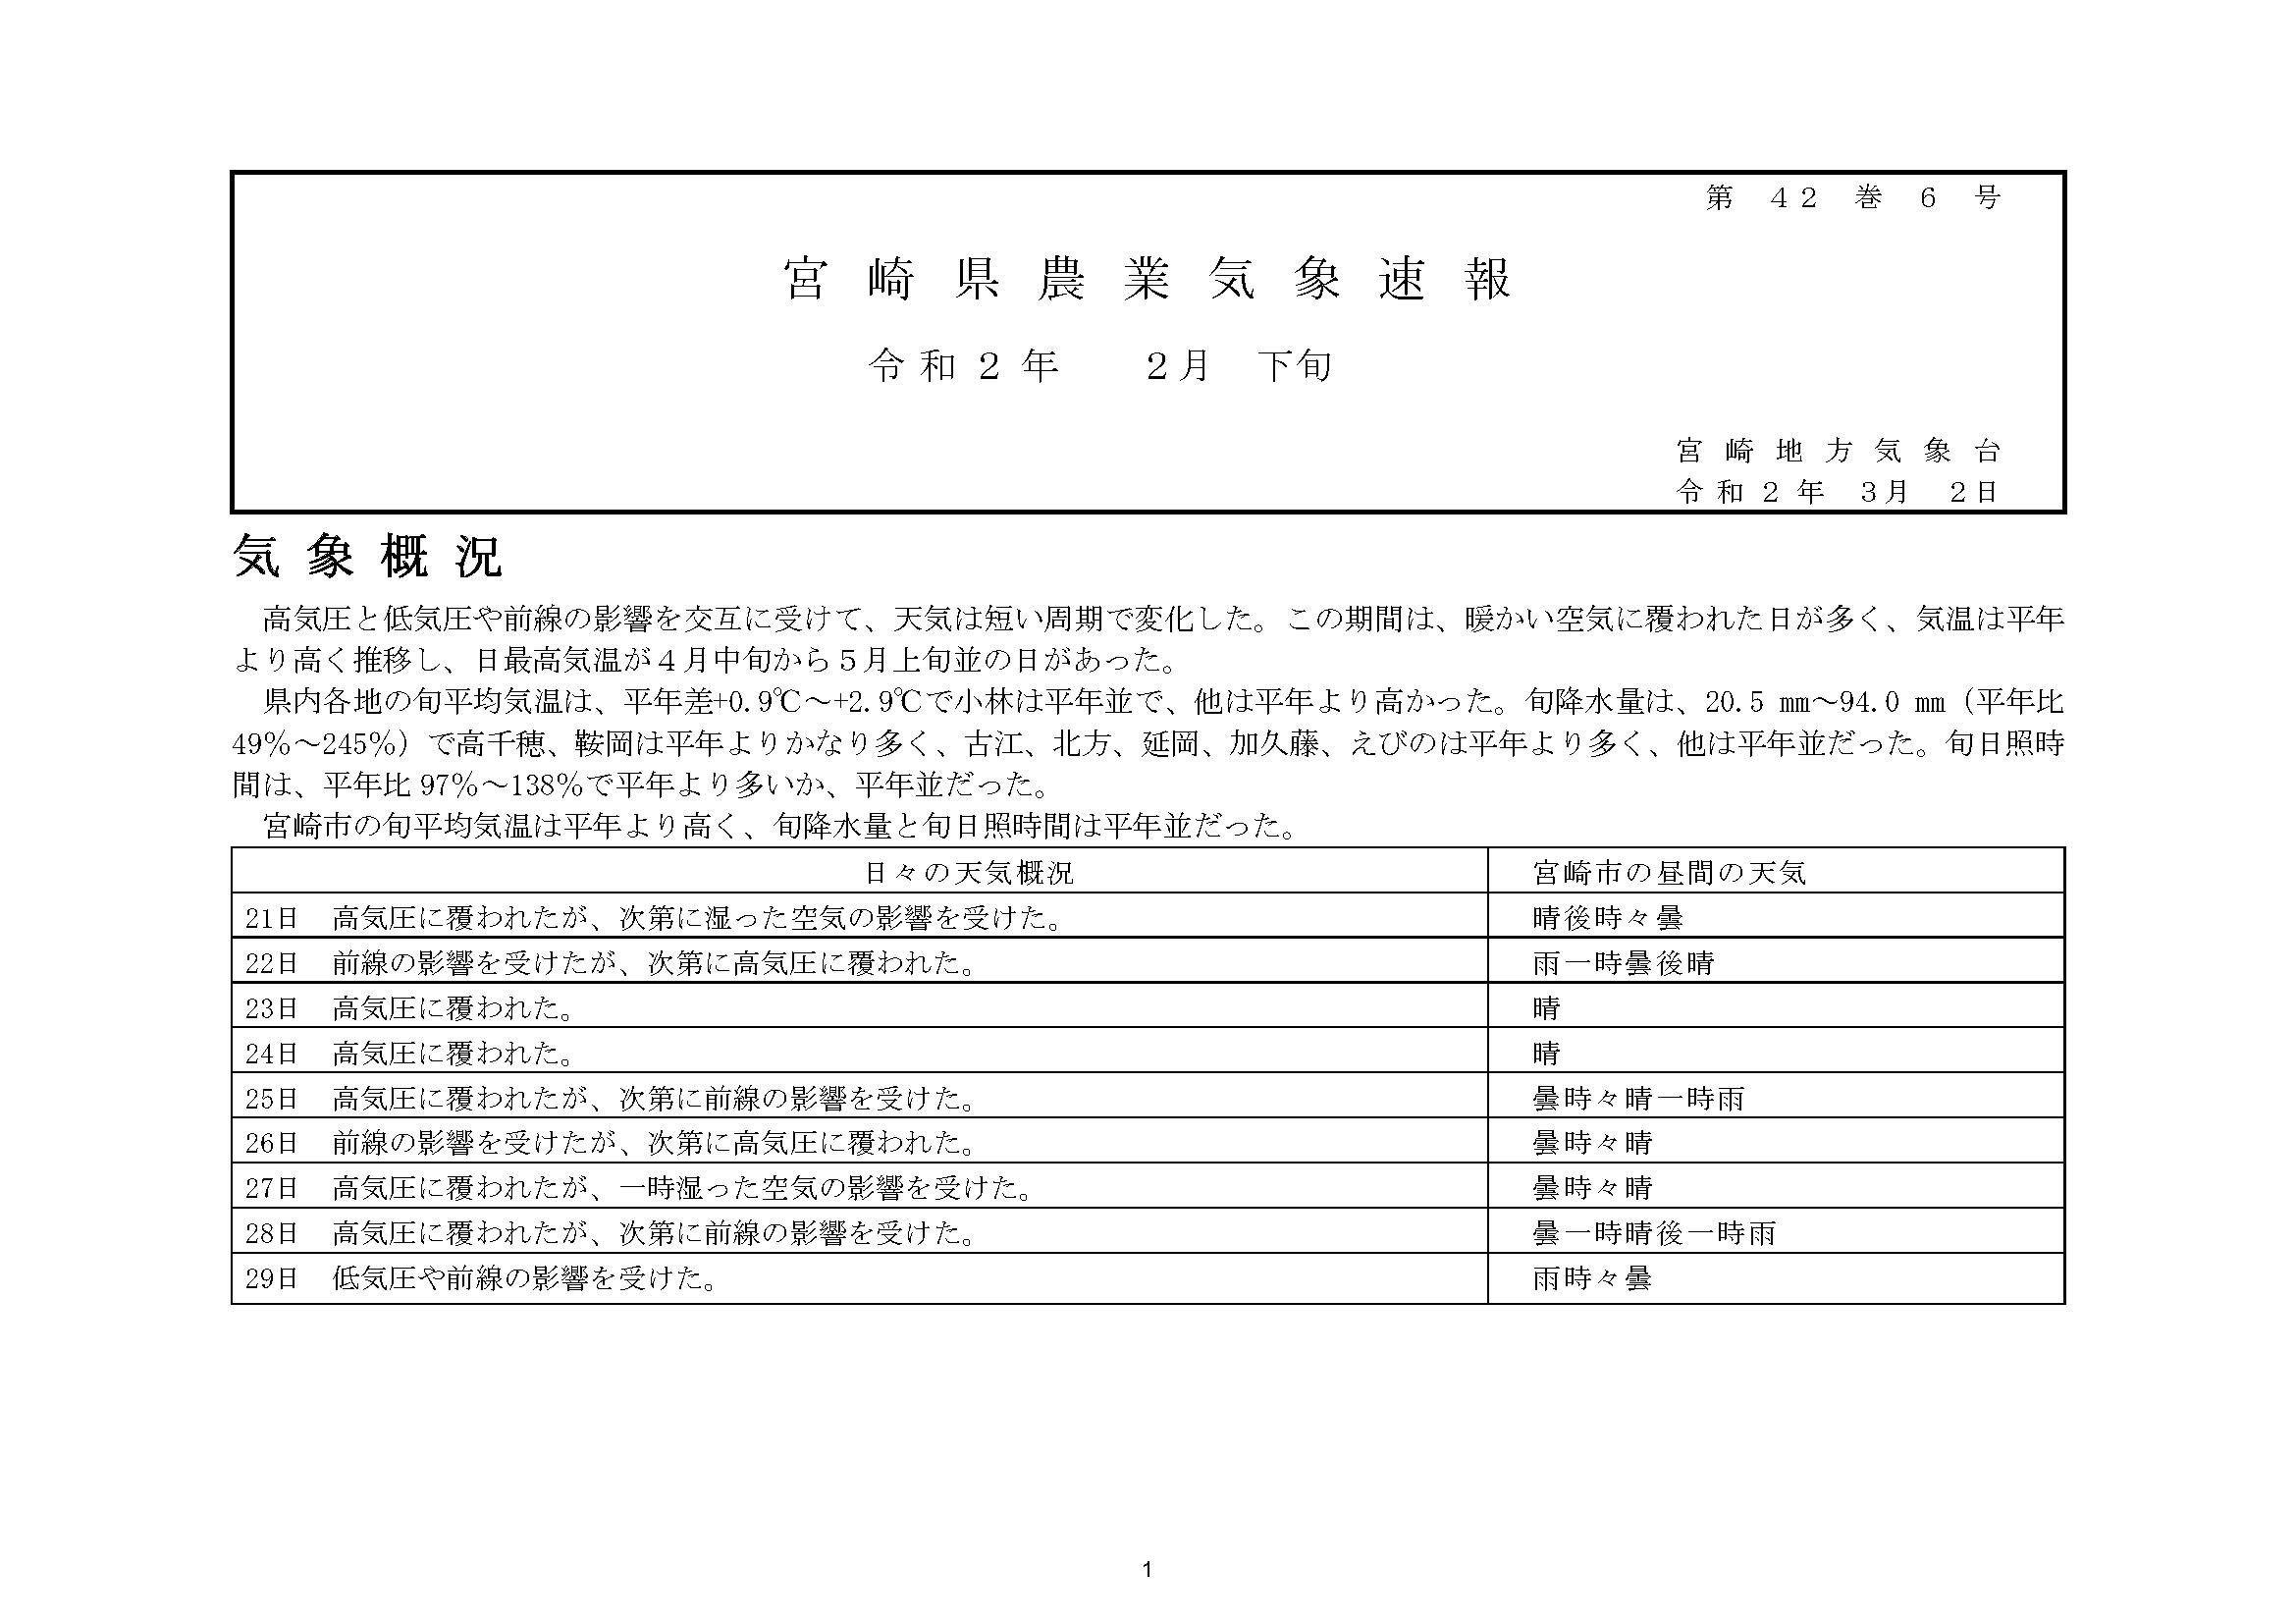 宮崎県農業気象速報令和2年2月下旬PDF